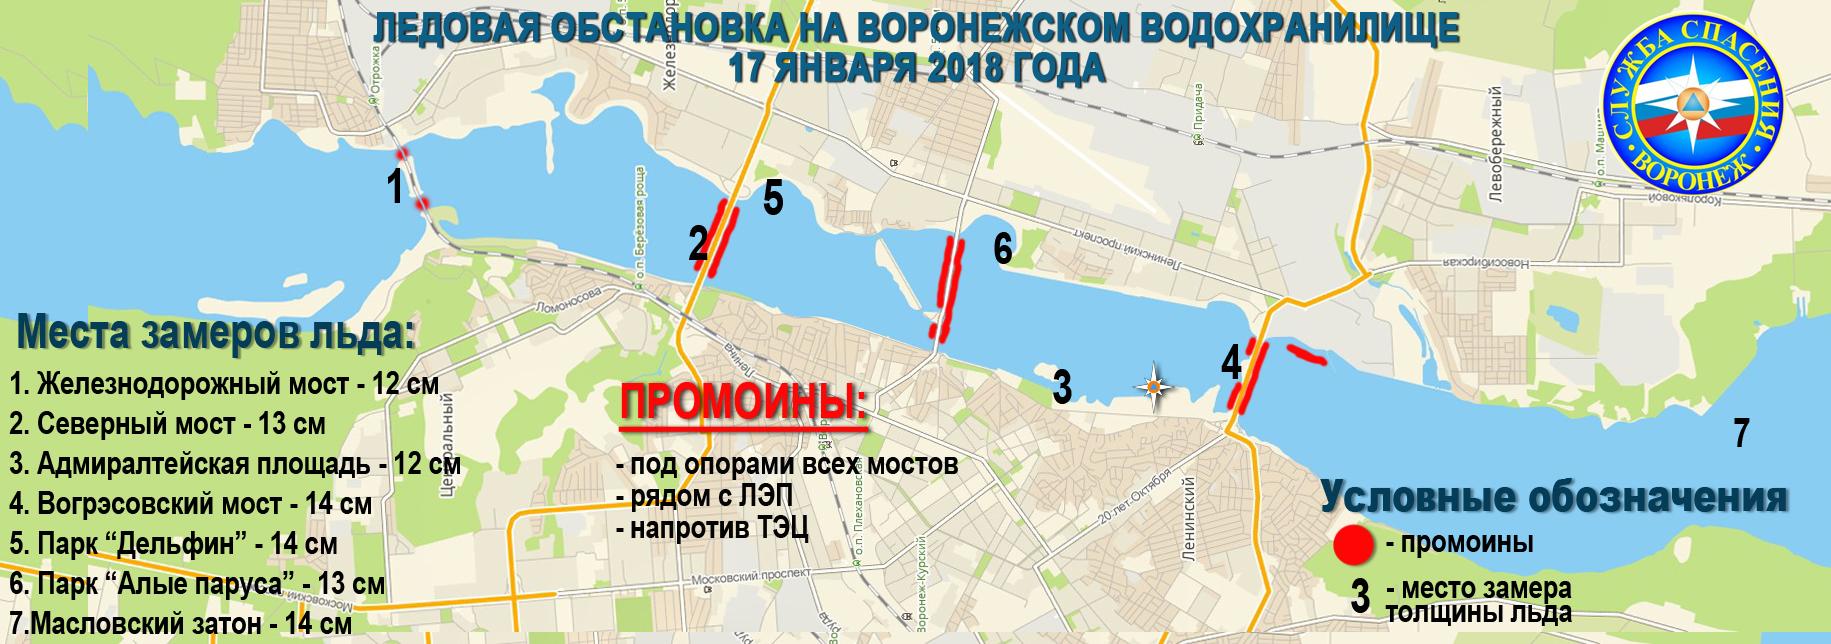 http://s9.uploads.ru/8YWJS.jpg